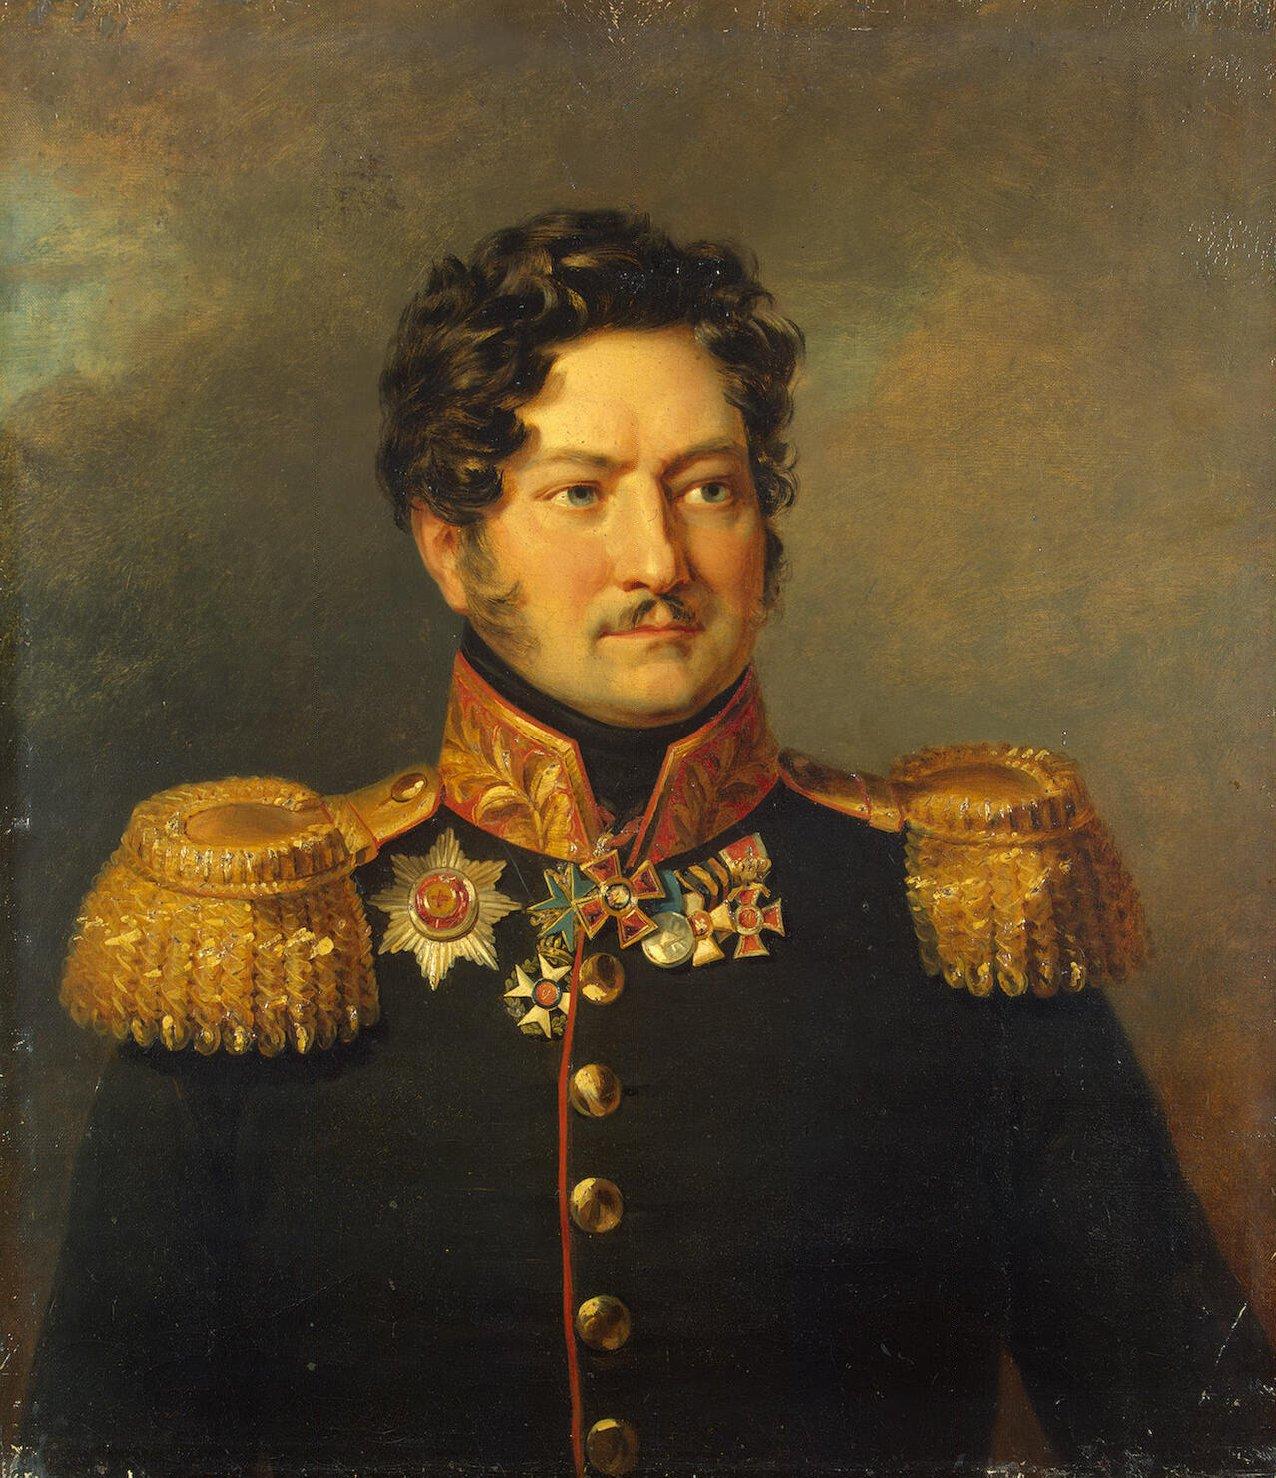 Игнатьев, Дмитрий Львович